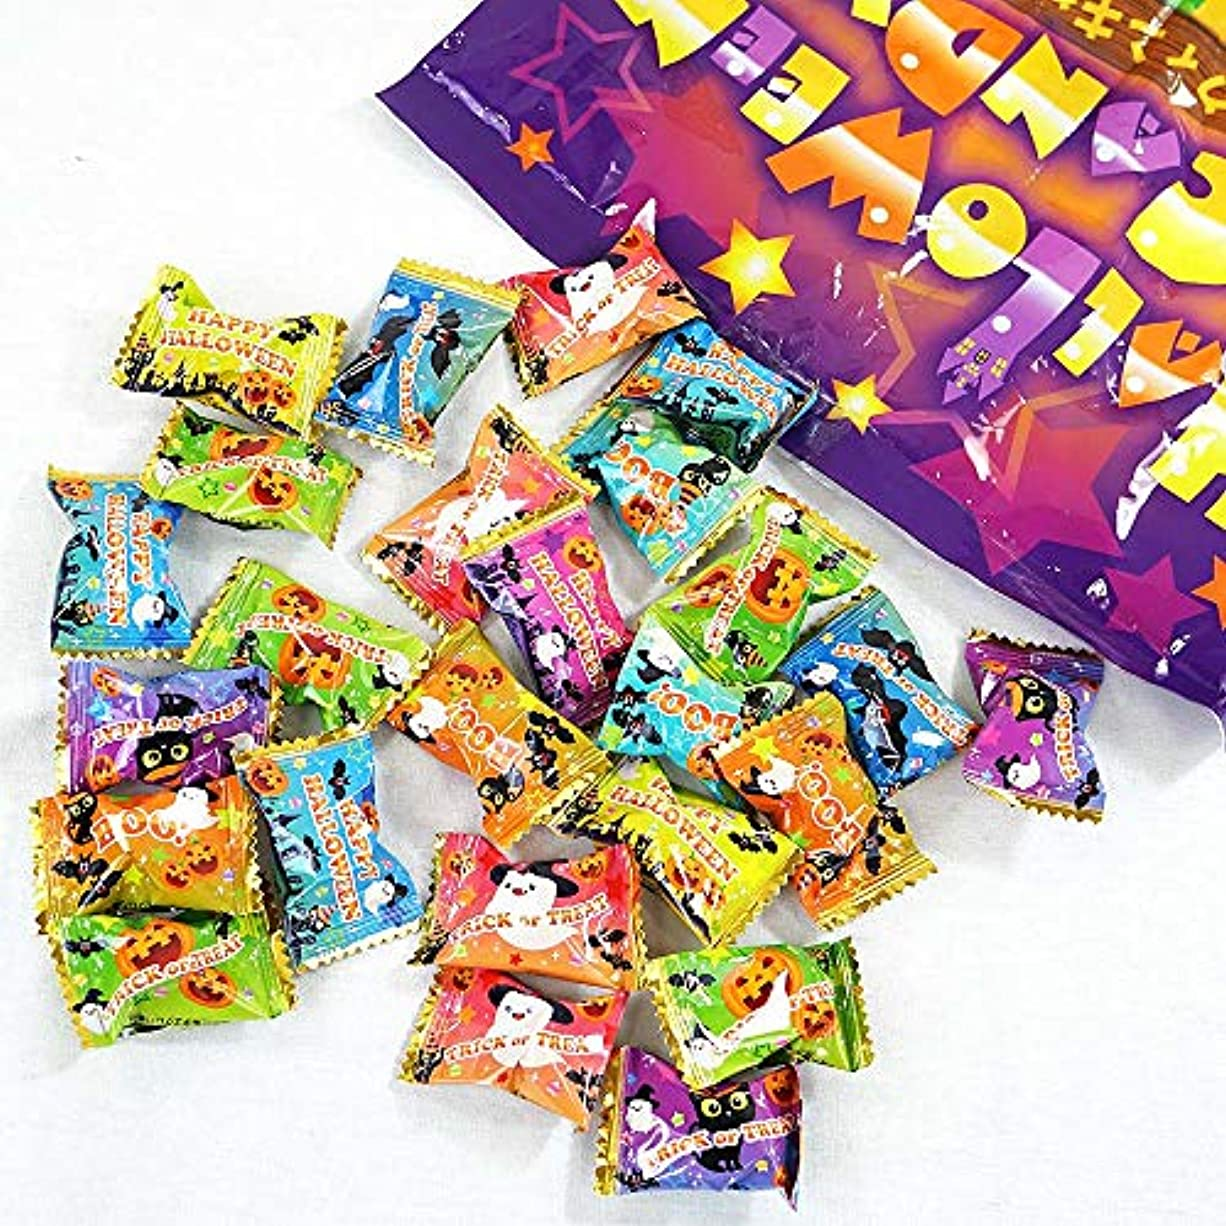 びっくりした母音惑星アメハマ ハロウィン キャンディ 1kg 業務用 ハロウィン 限定 お菓子 飴 詰め合わせ